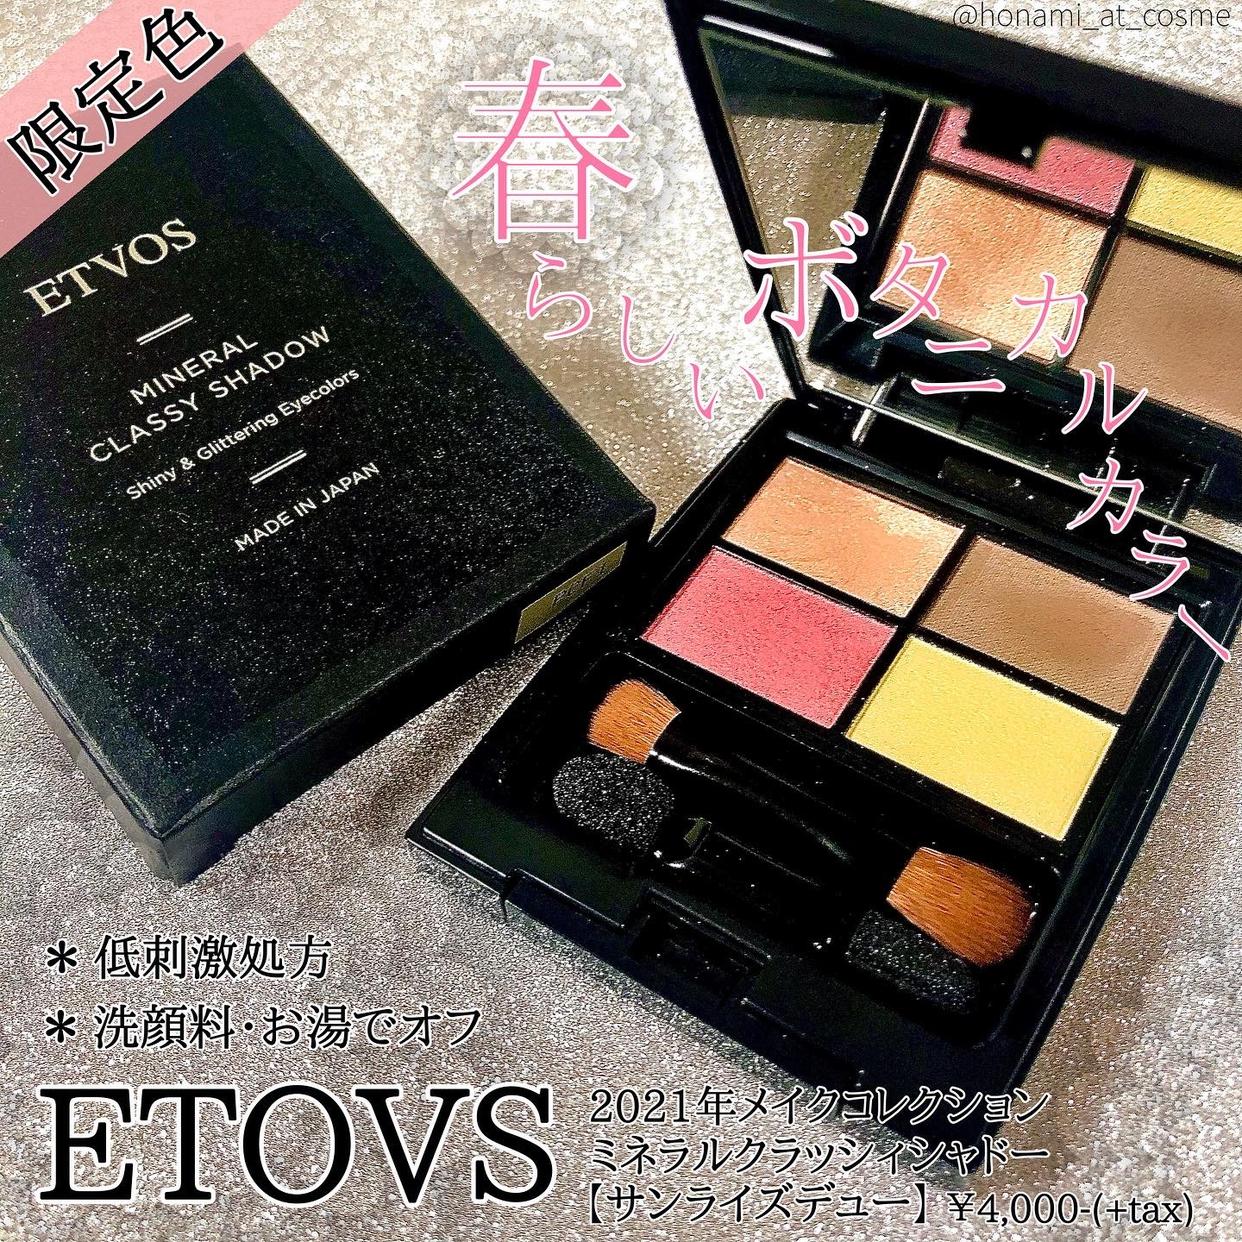 ETVOS(エトヴォス)ミネラルクラッシィシャドーを使った ほっしゃんさんのクチコミ画像